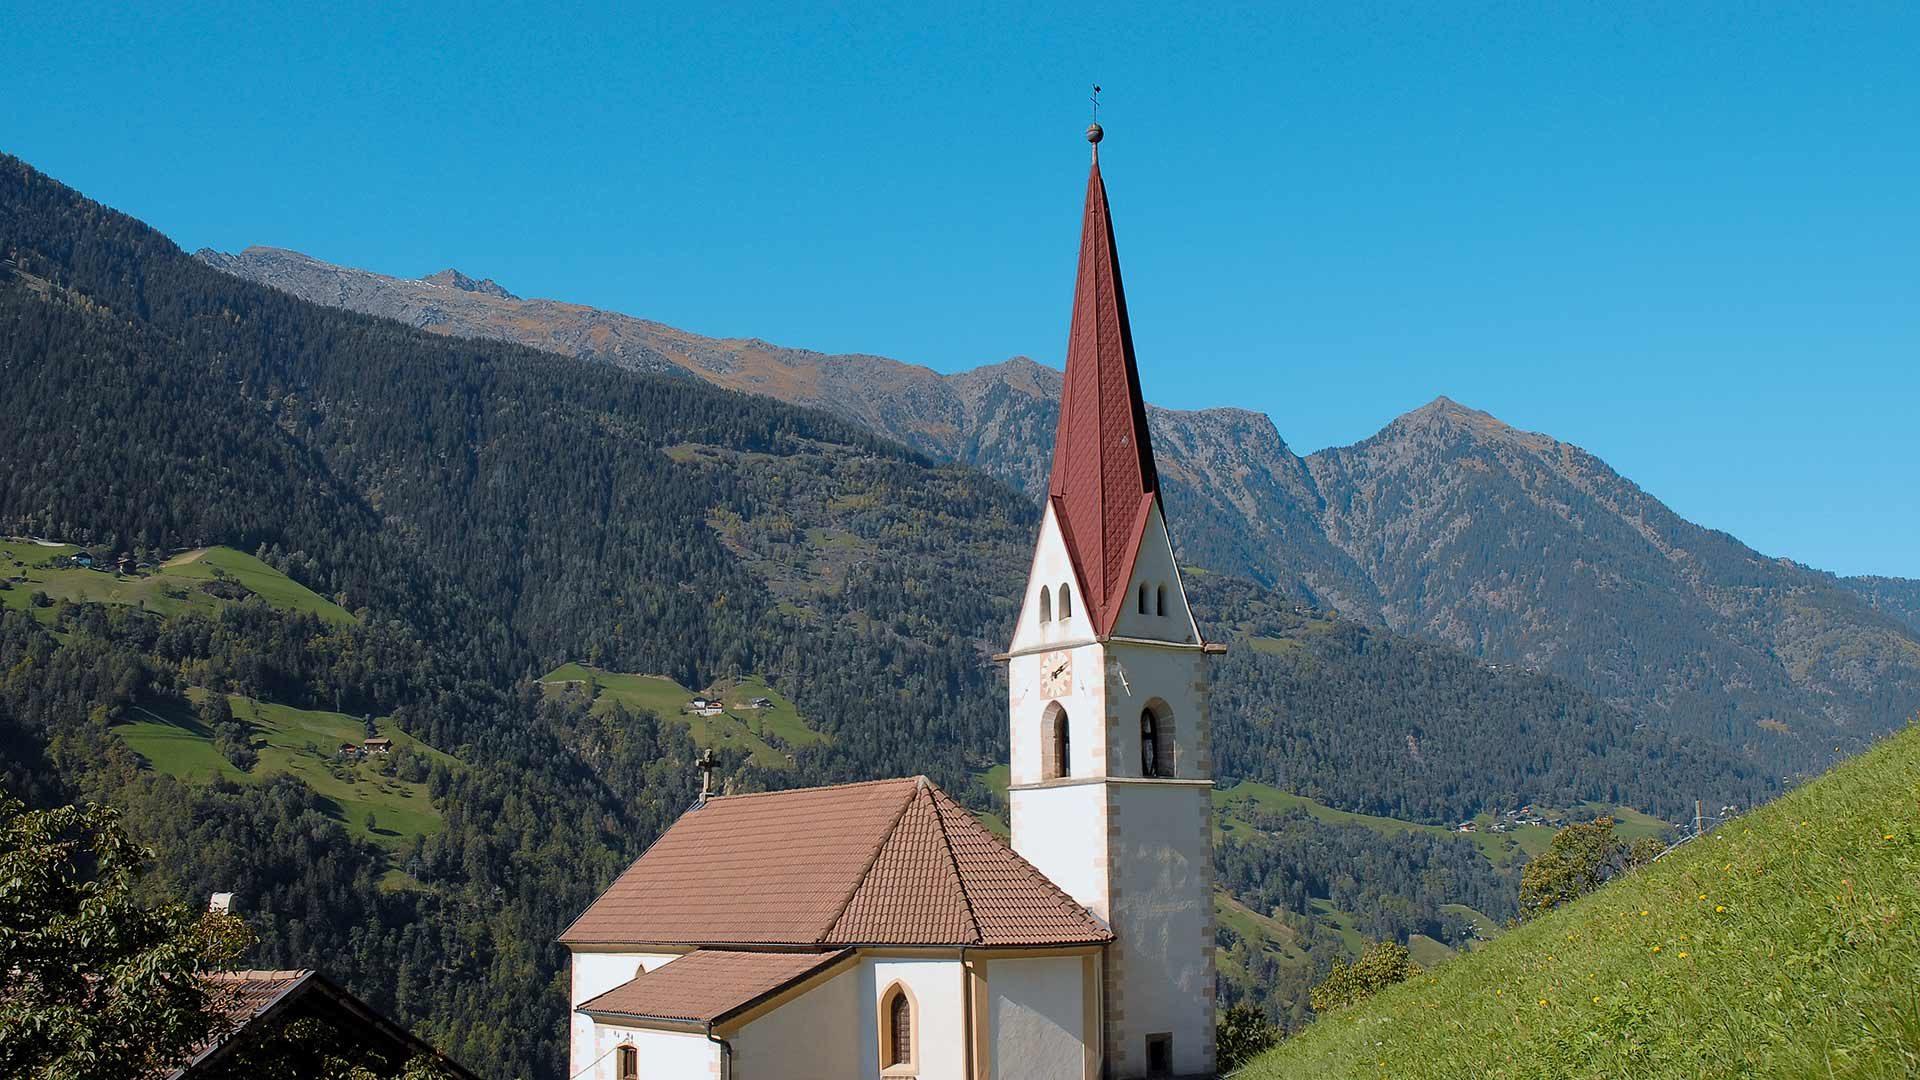 Chiesa di San Martino in Passiria